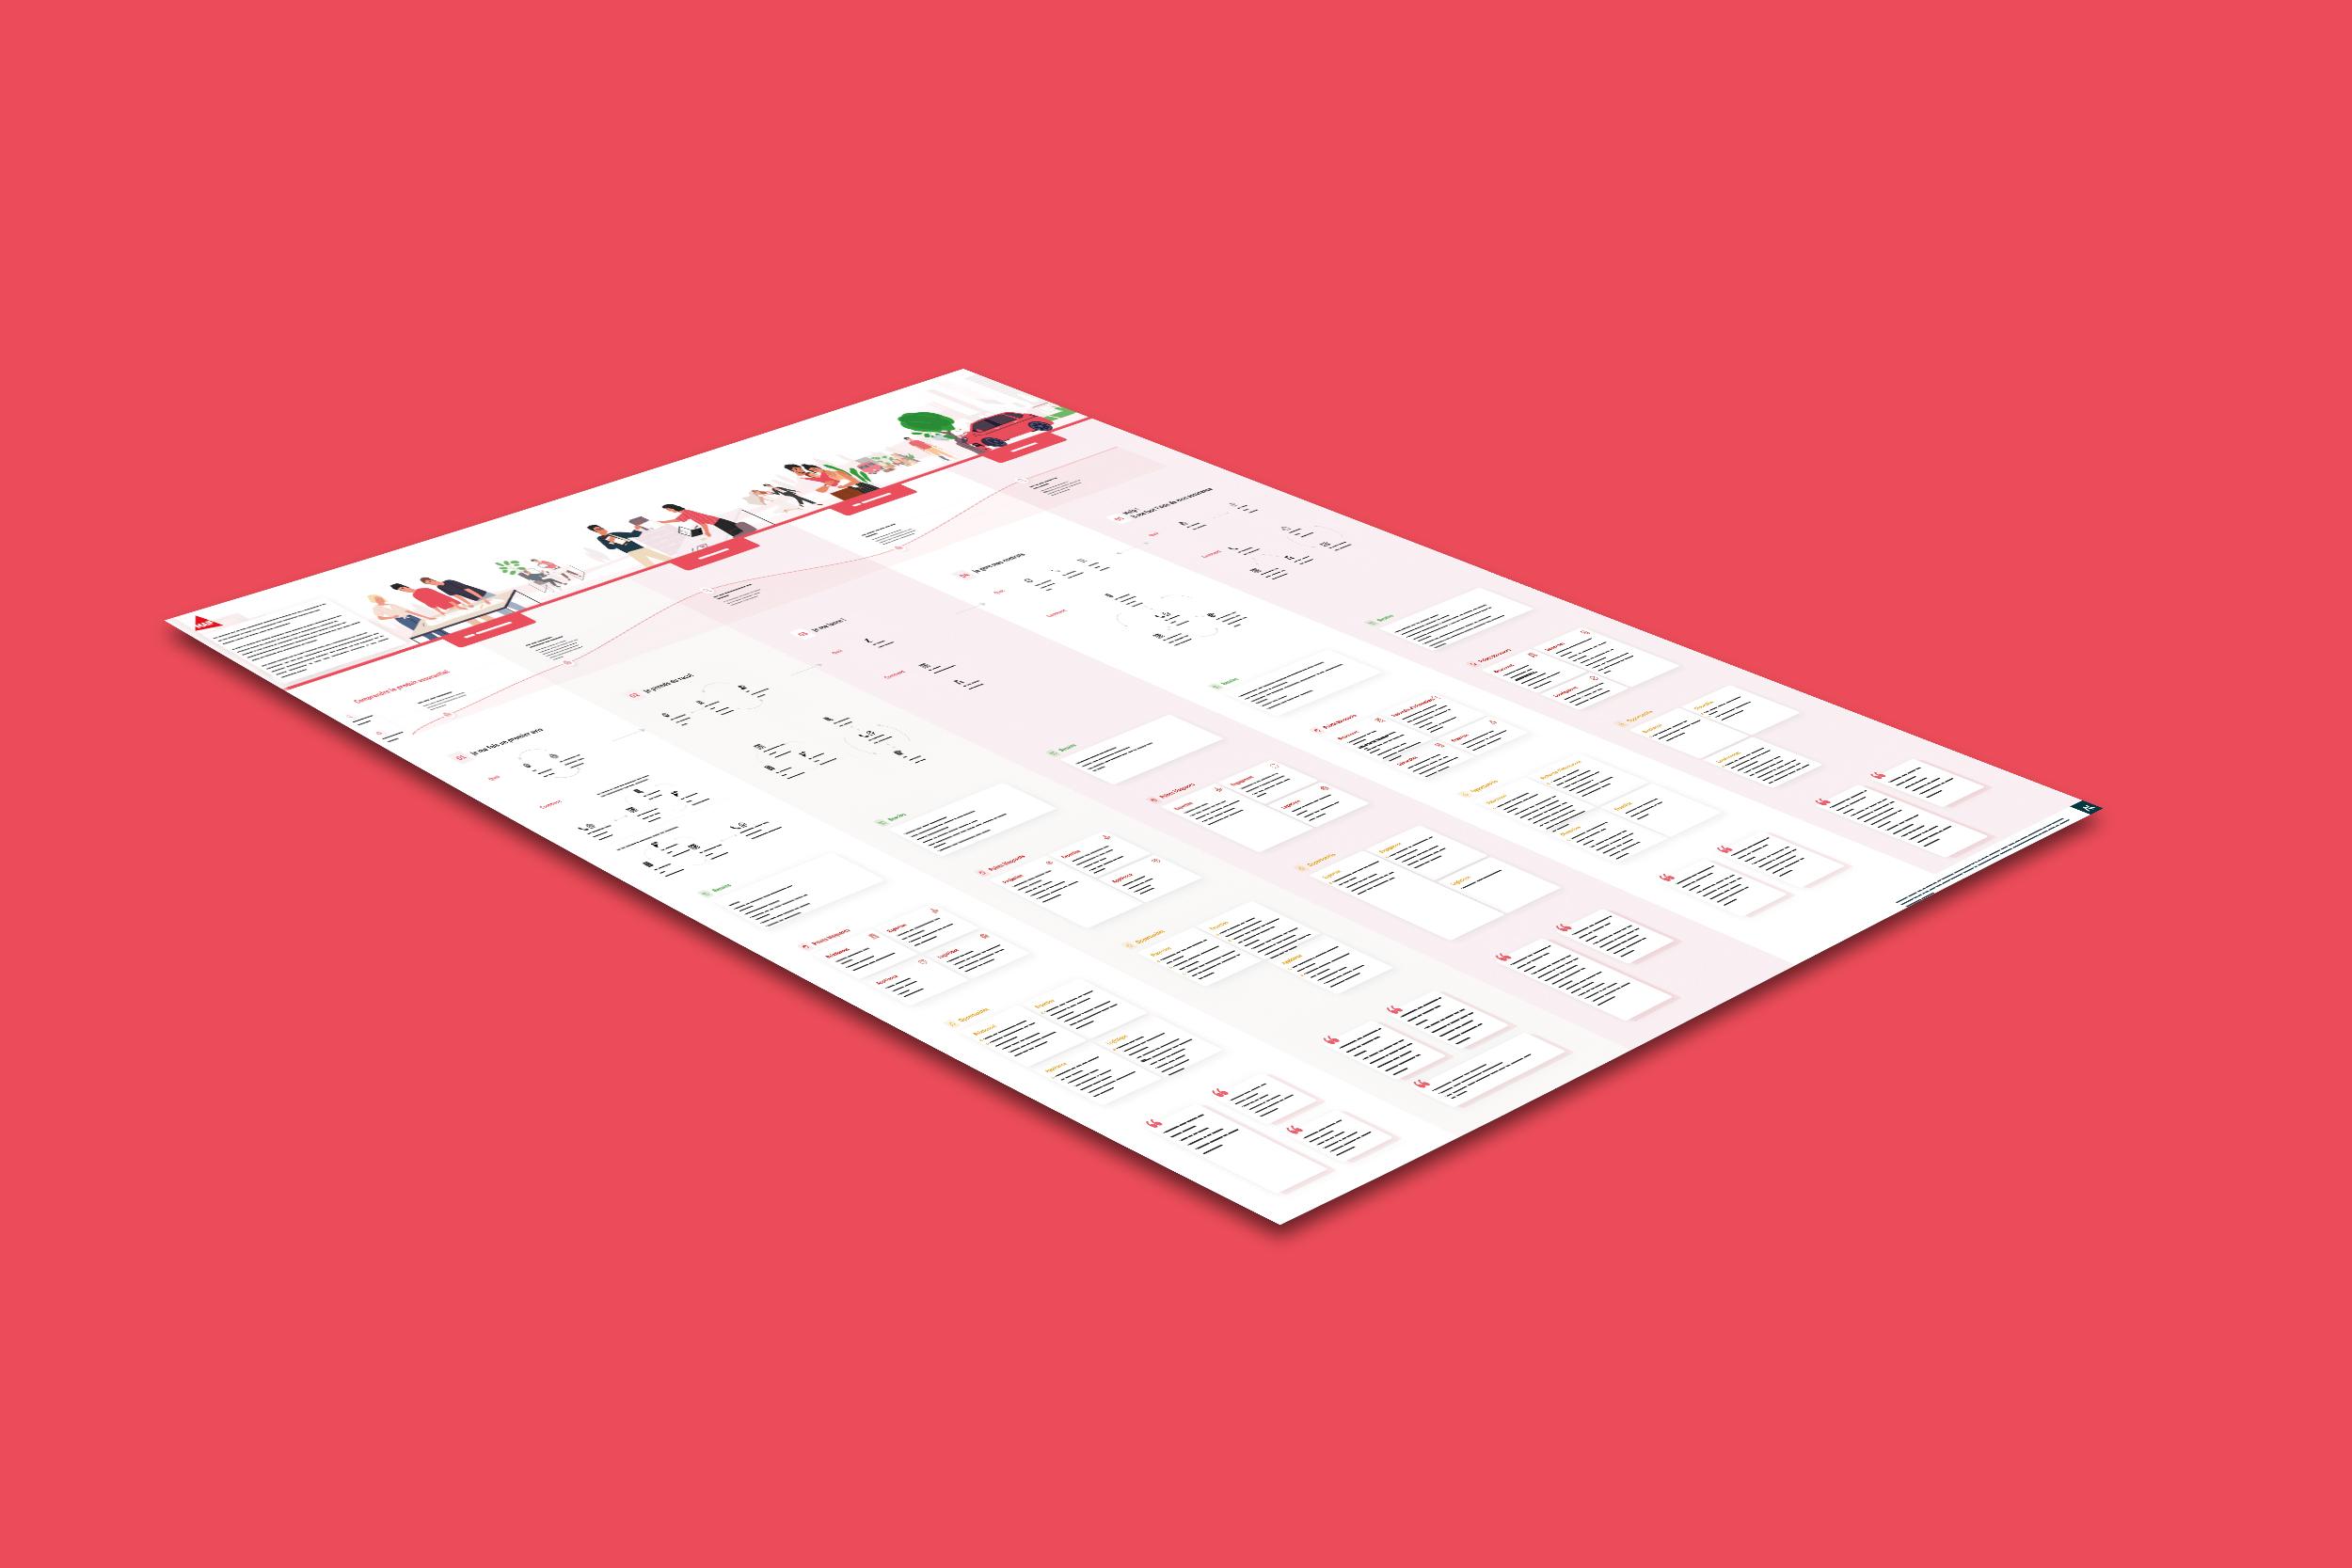 Rendre l'information plus claire et transparente grâce au Legal Design